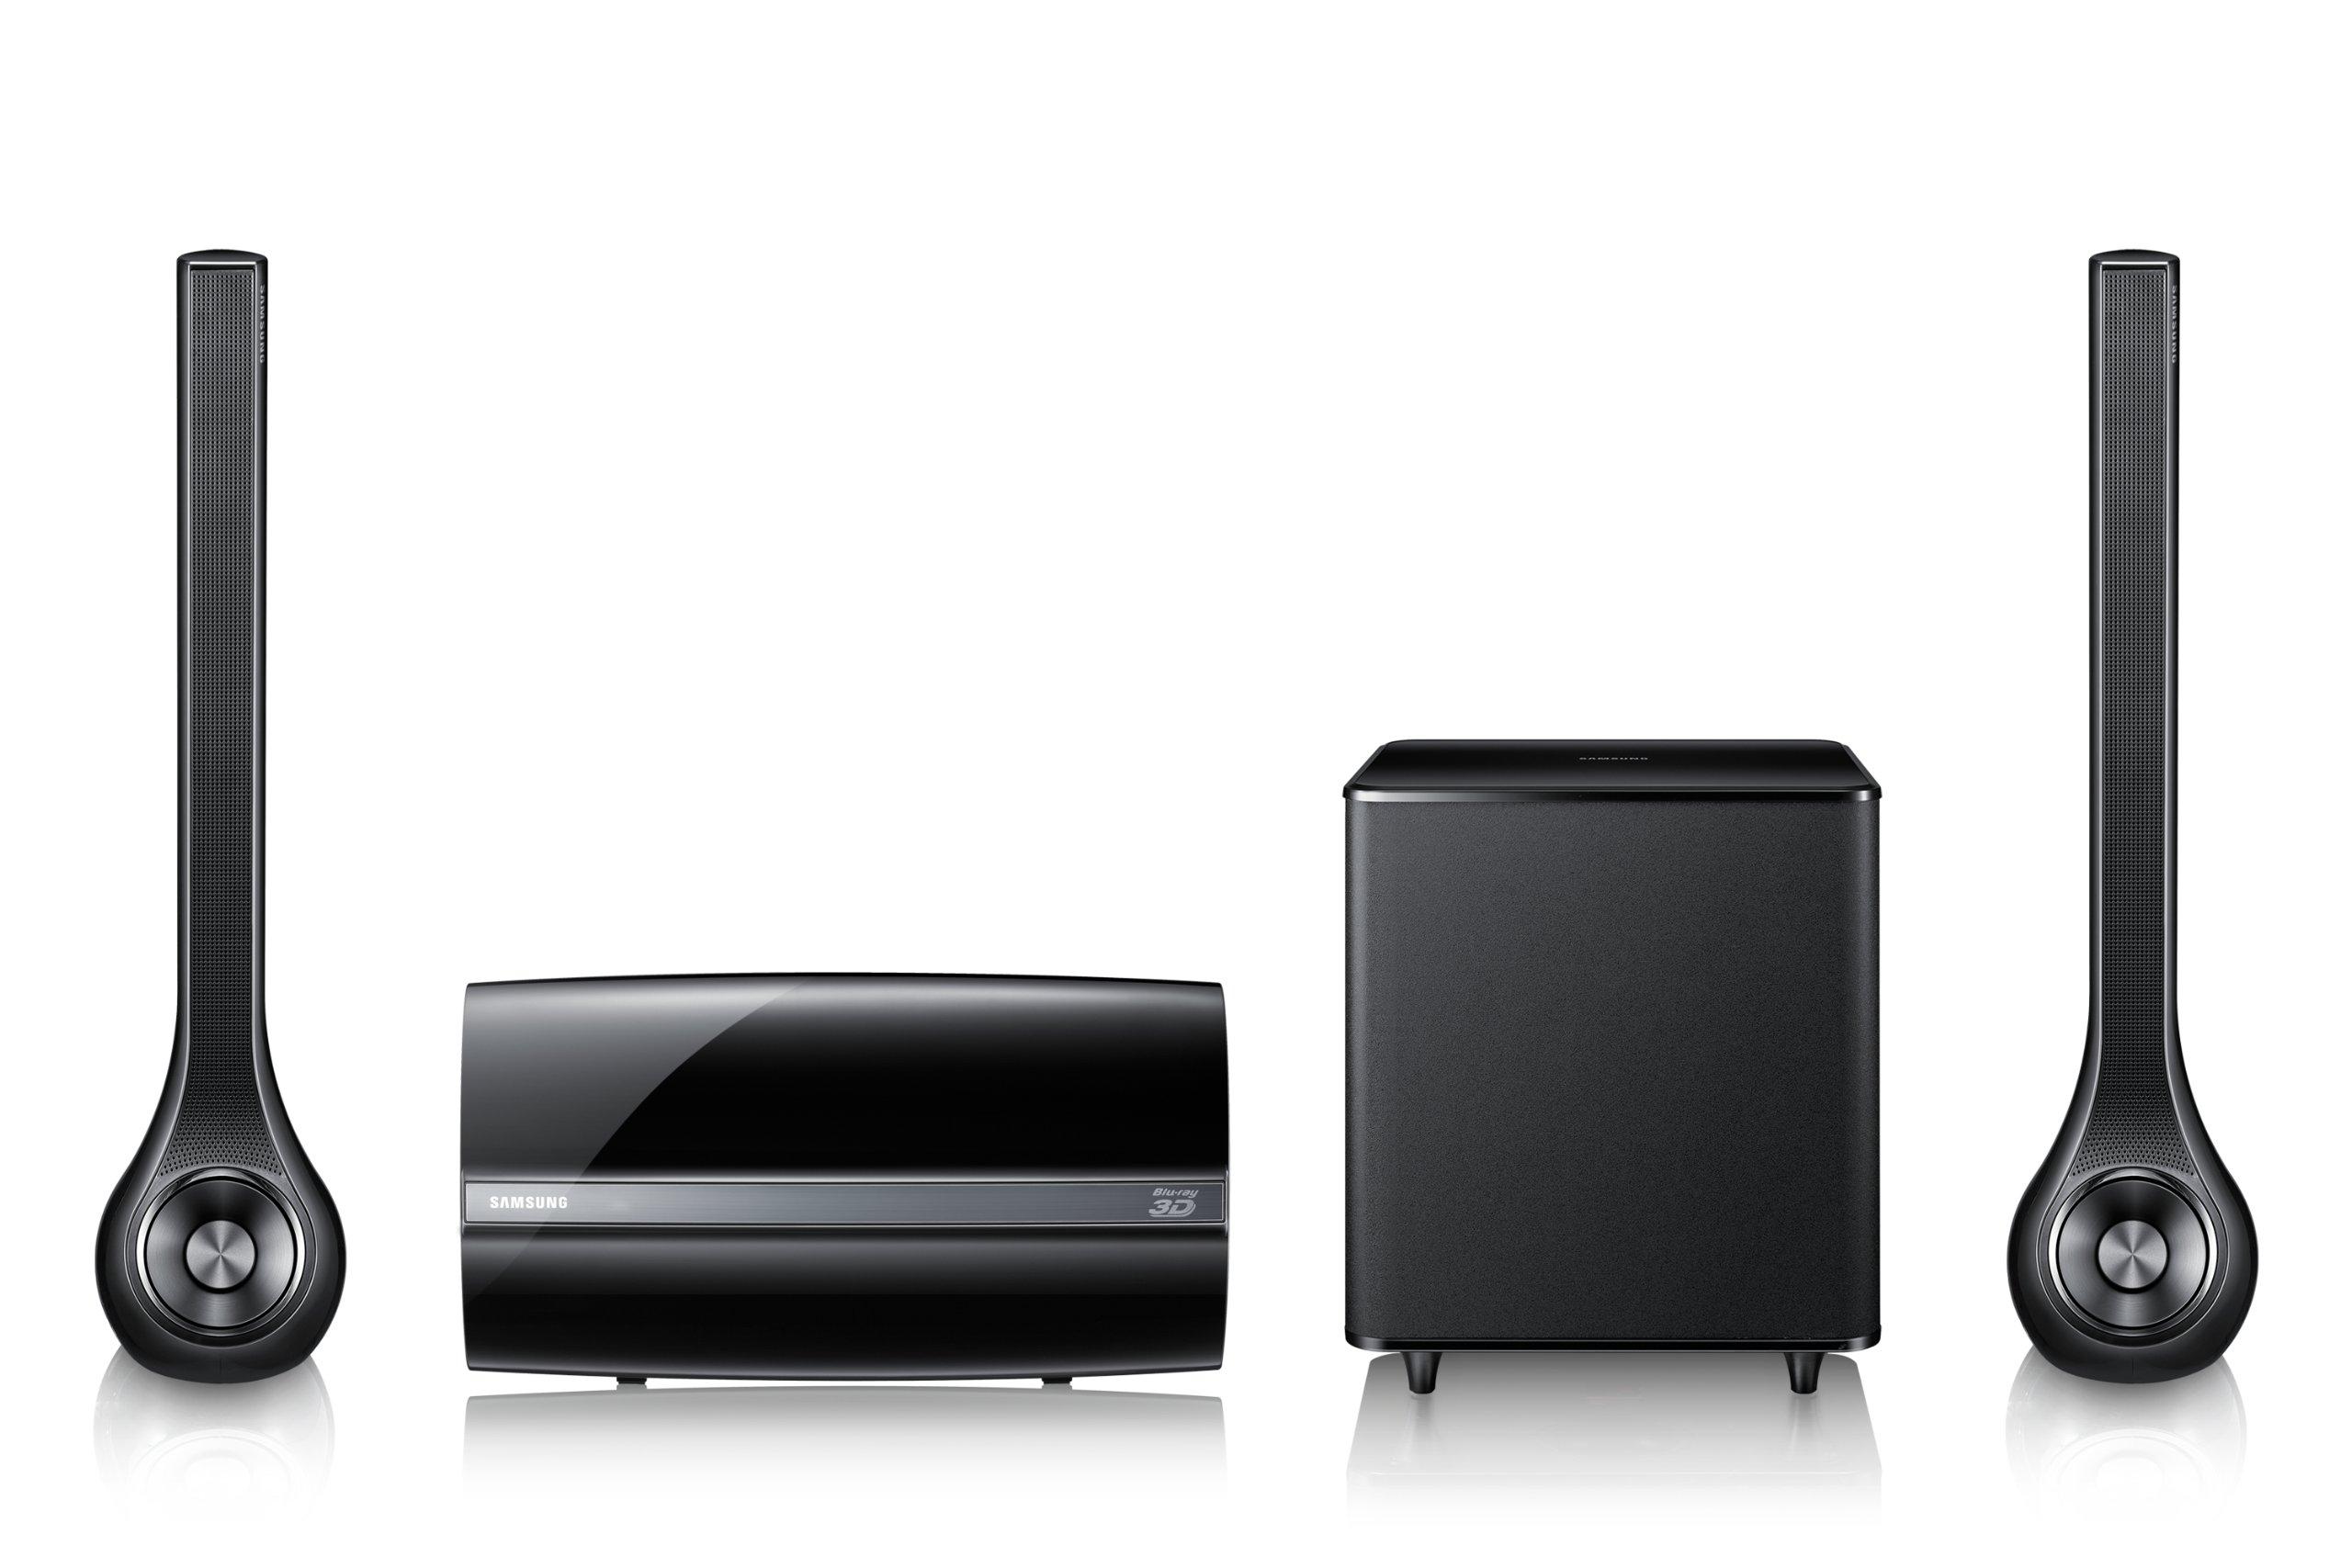 Samsung HT-ES6200 - Equipo de Home Cinema (Reproductor de Blu-Ray, BD-R, BD-RE, CD-R, CD-RW, DVD+R, DVD+RW, DVD-R, DVD-RW, Ranura, AVCHD, DIVX, MKV, WMV, 400W, 2.1) Negro: Amazon.es: Electrónica